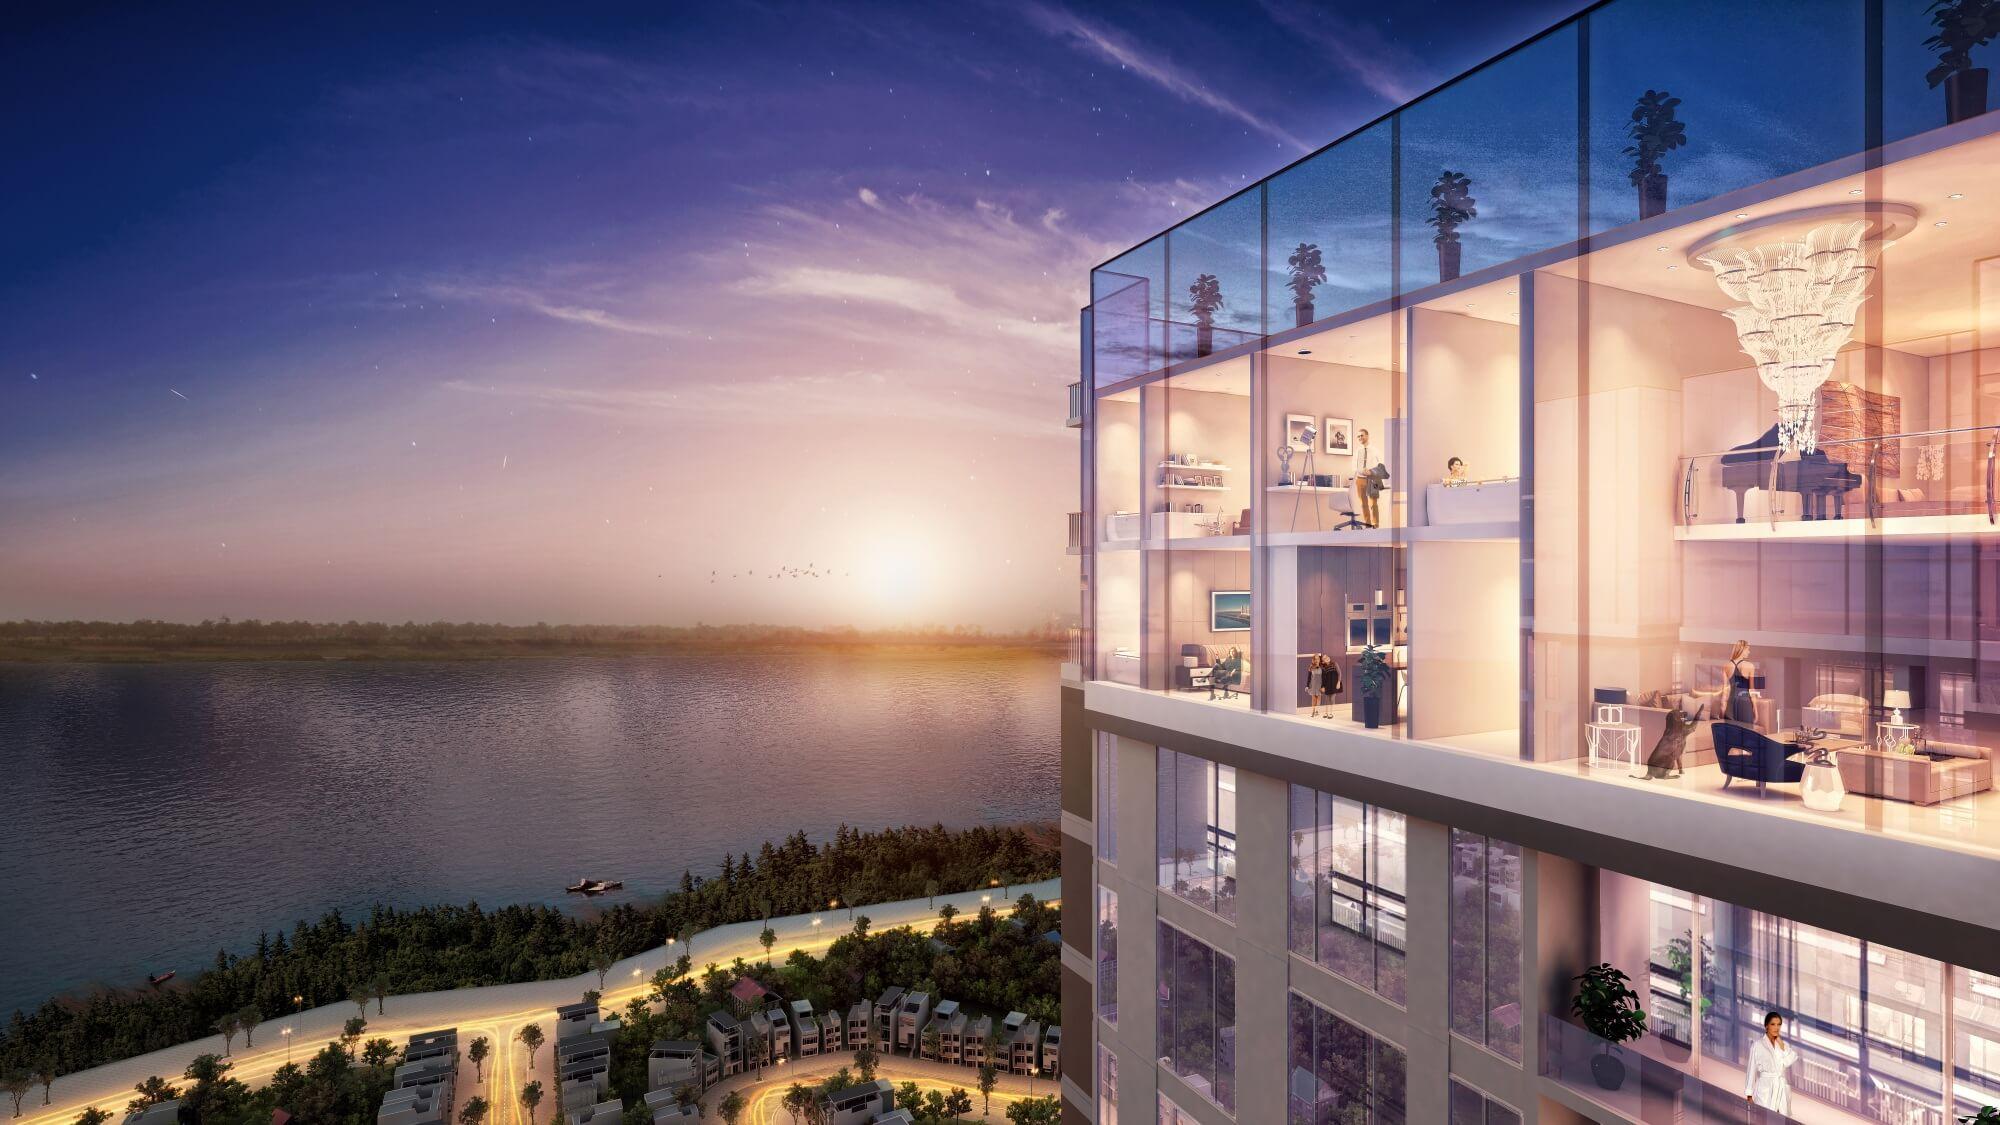 Căn hộ Sun Group Quảng An có tầm nhìn tuyệt đẹp view 3 mặt hồ Tây.